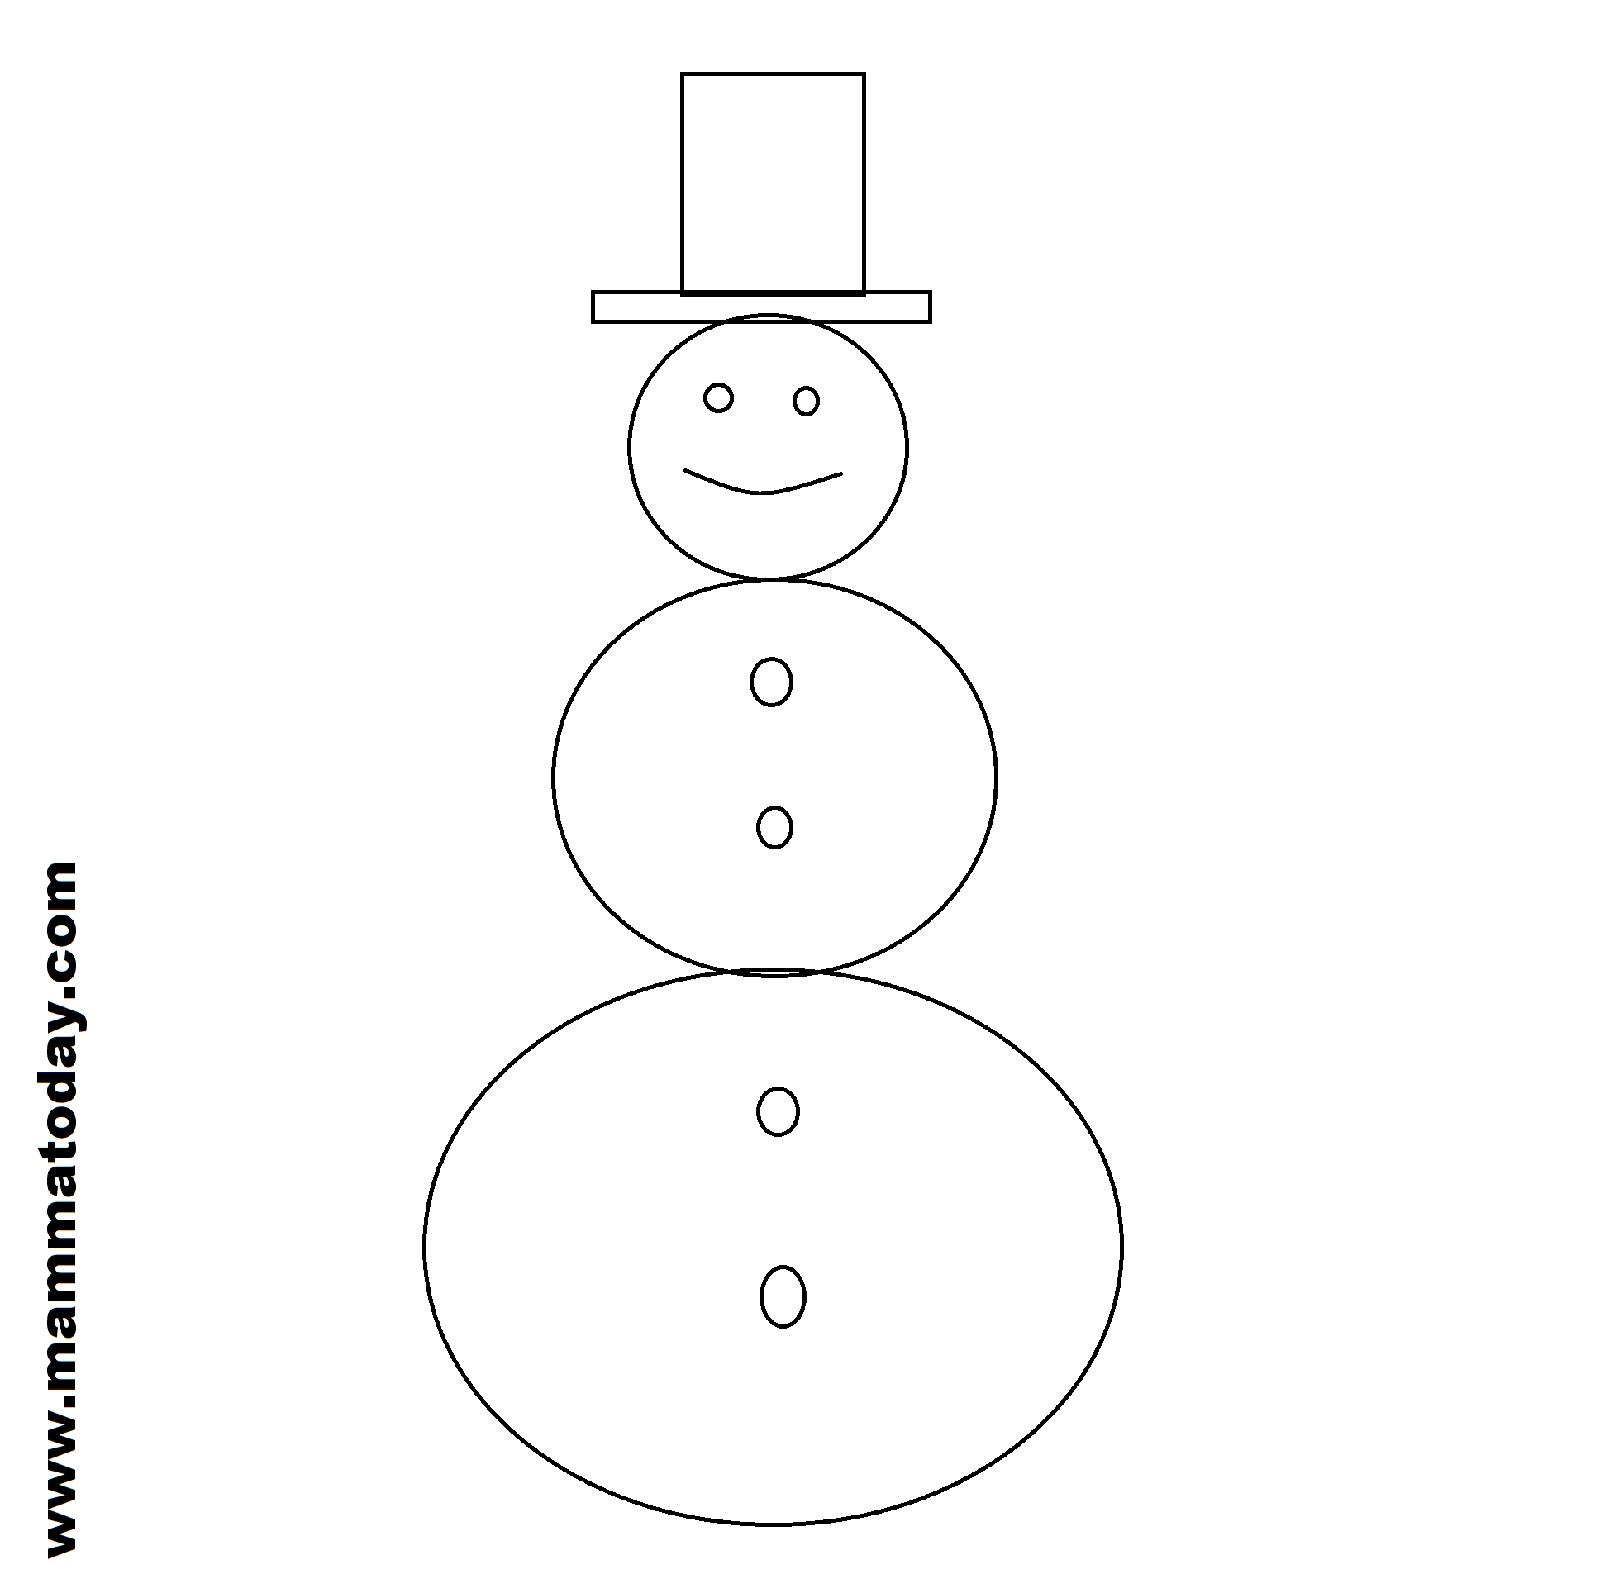 Disegni Da Colorare Gratis Di Natale.5 Disegni Di Natale Da Stampare E Colorare Gratis Mamma Today Una Mamma Di Oggi